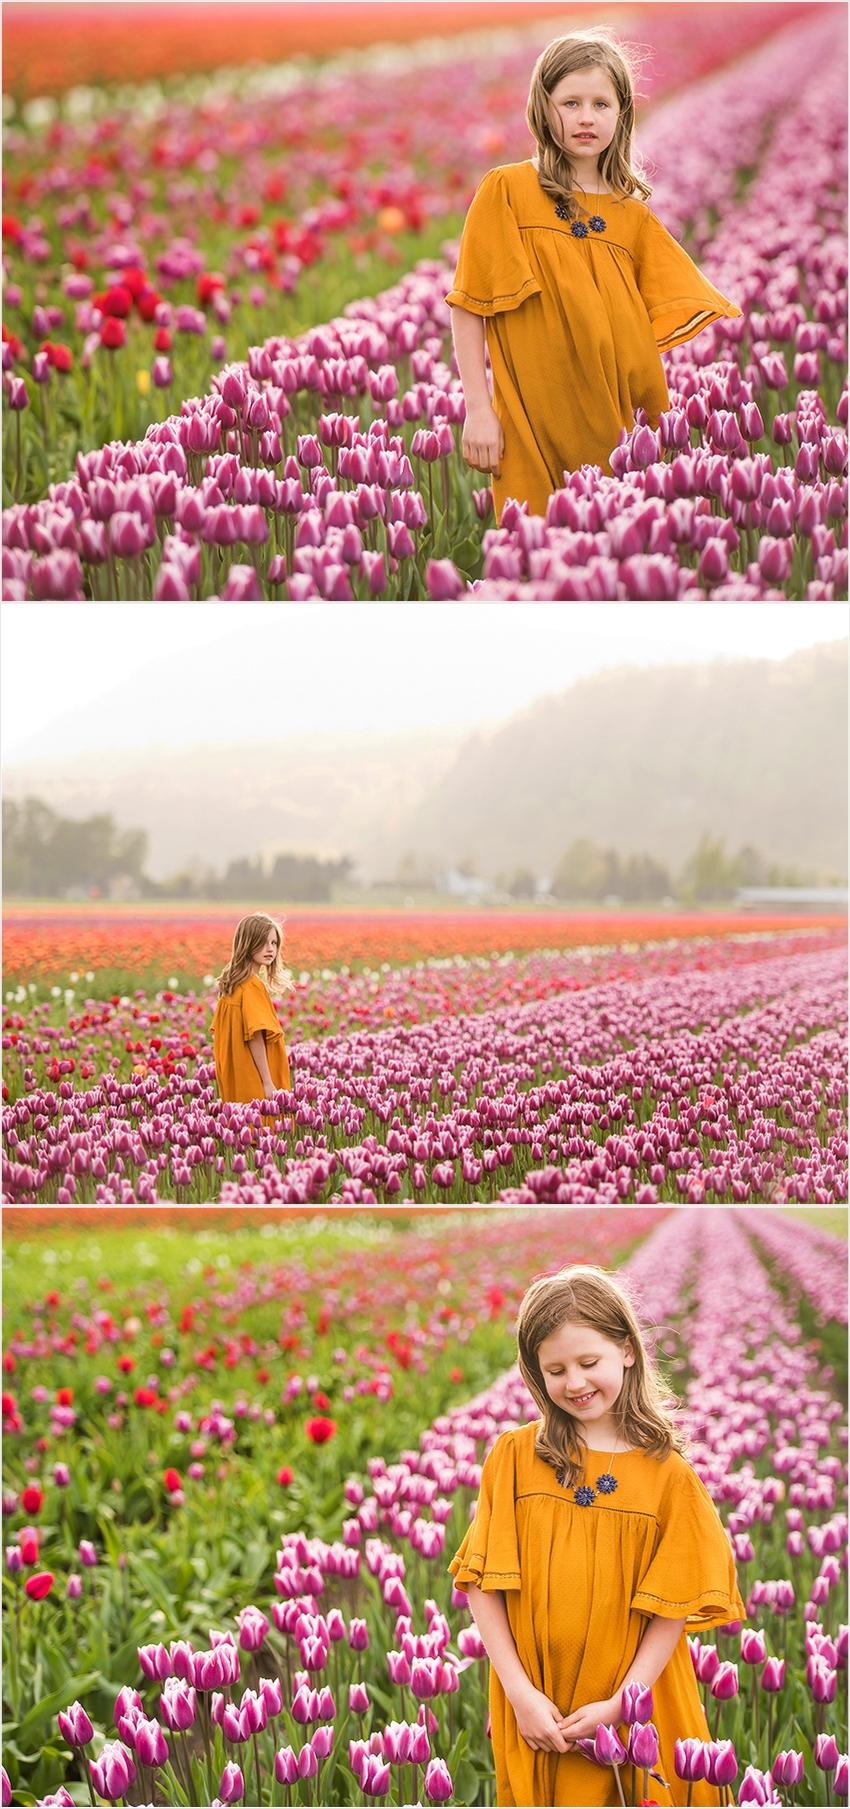 Abbotsford Photographer Family Children Tulip Farm Sunset 004 (Side 4)